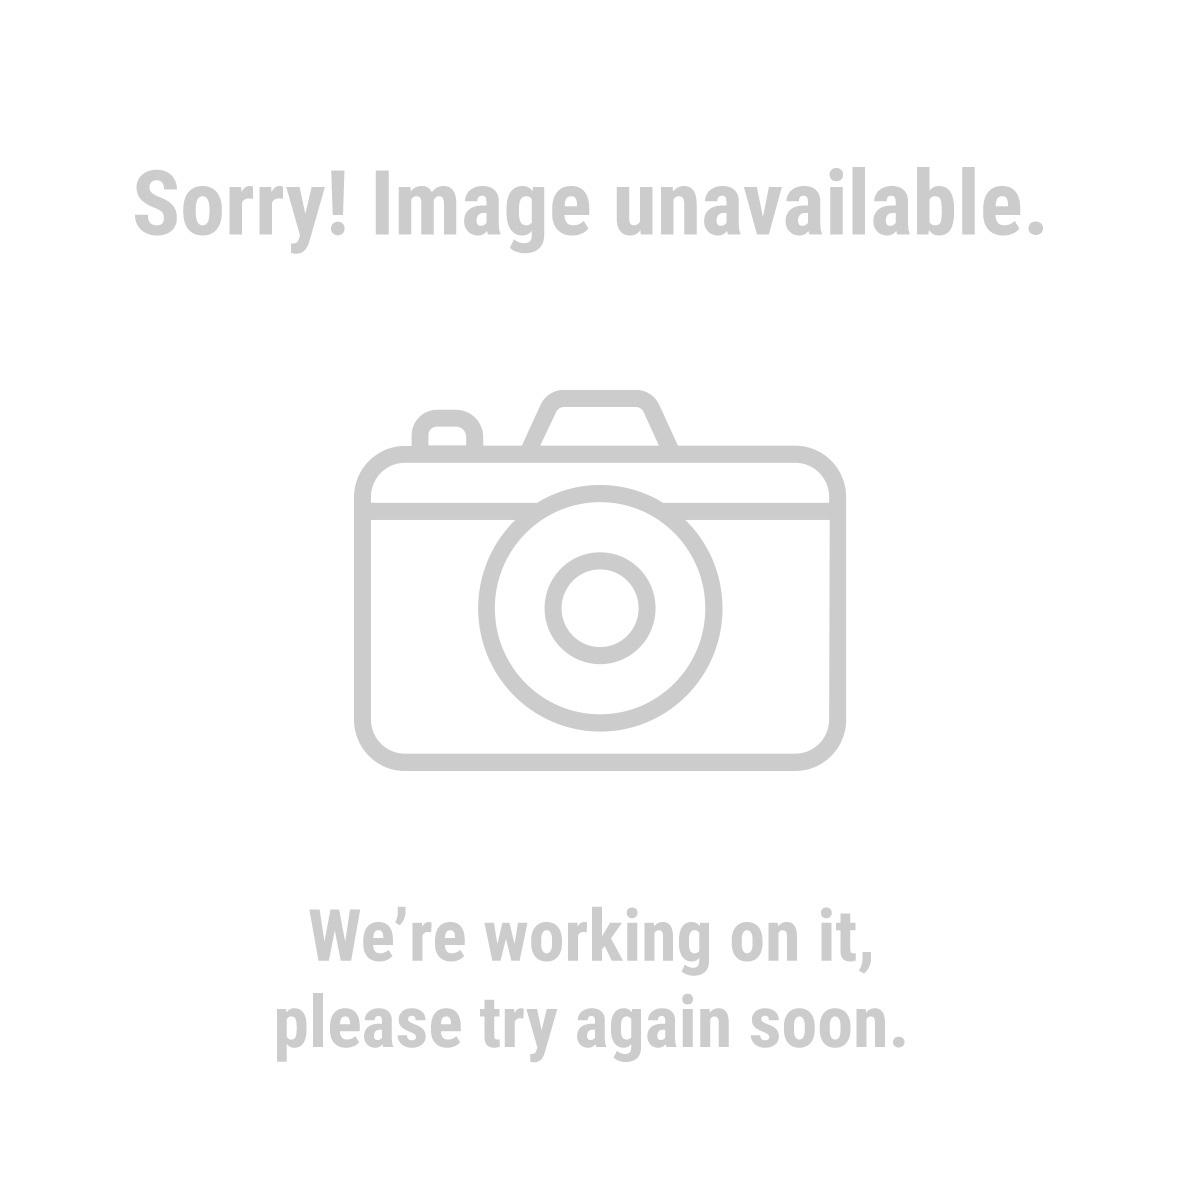 Bunker Hill Security 61565 1.51 cu. ft. Solid Steel Digital Floor Safe